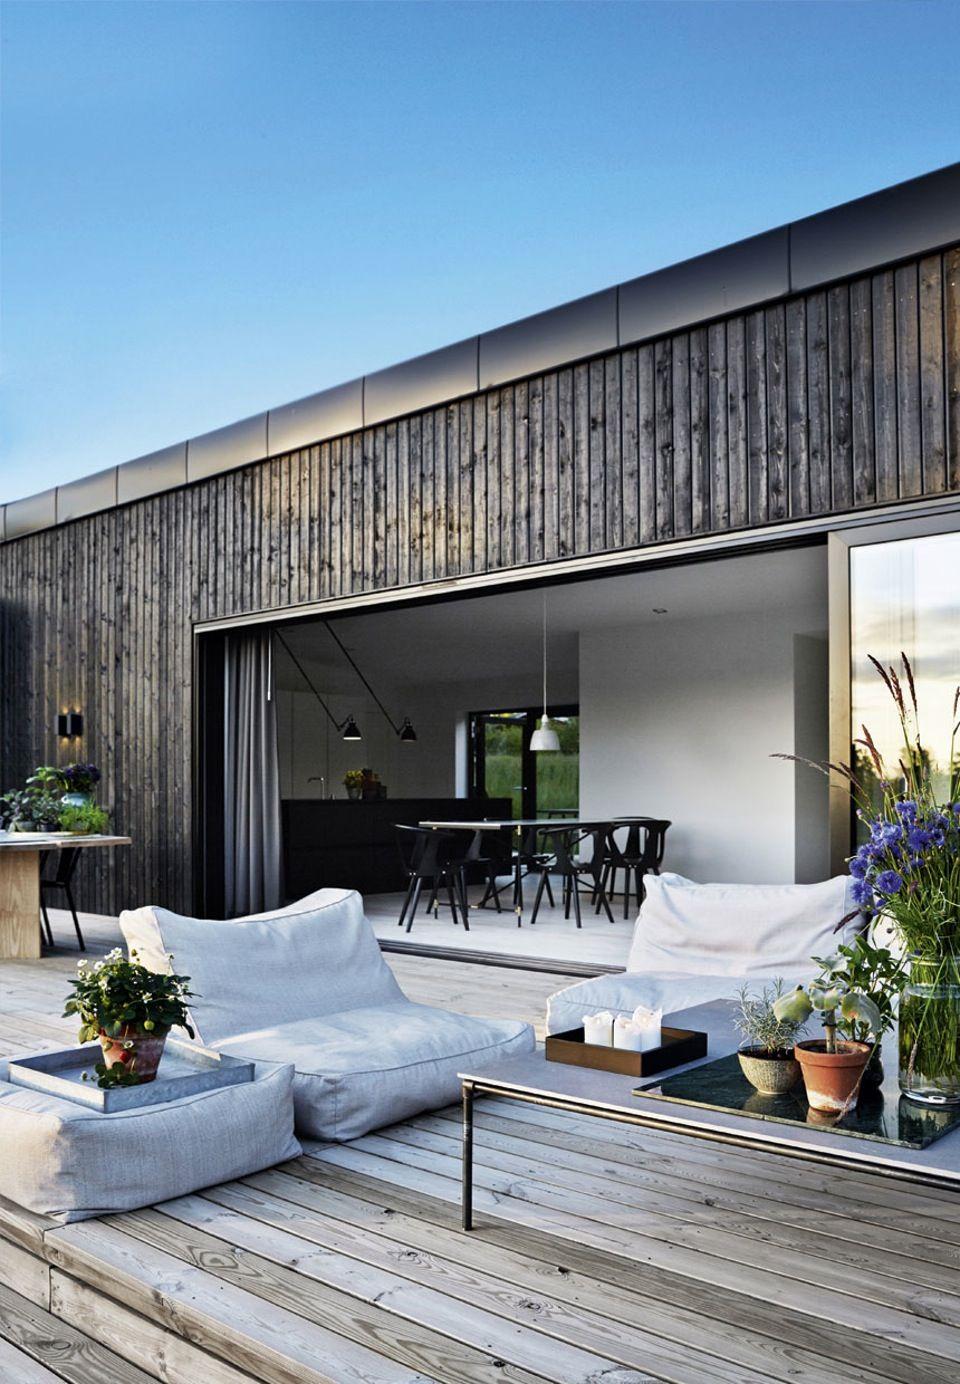 Spectaculaires baies vitrées | Architektur, Terrasse und Balkon